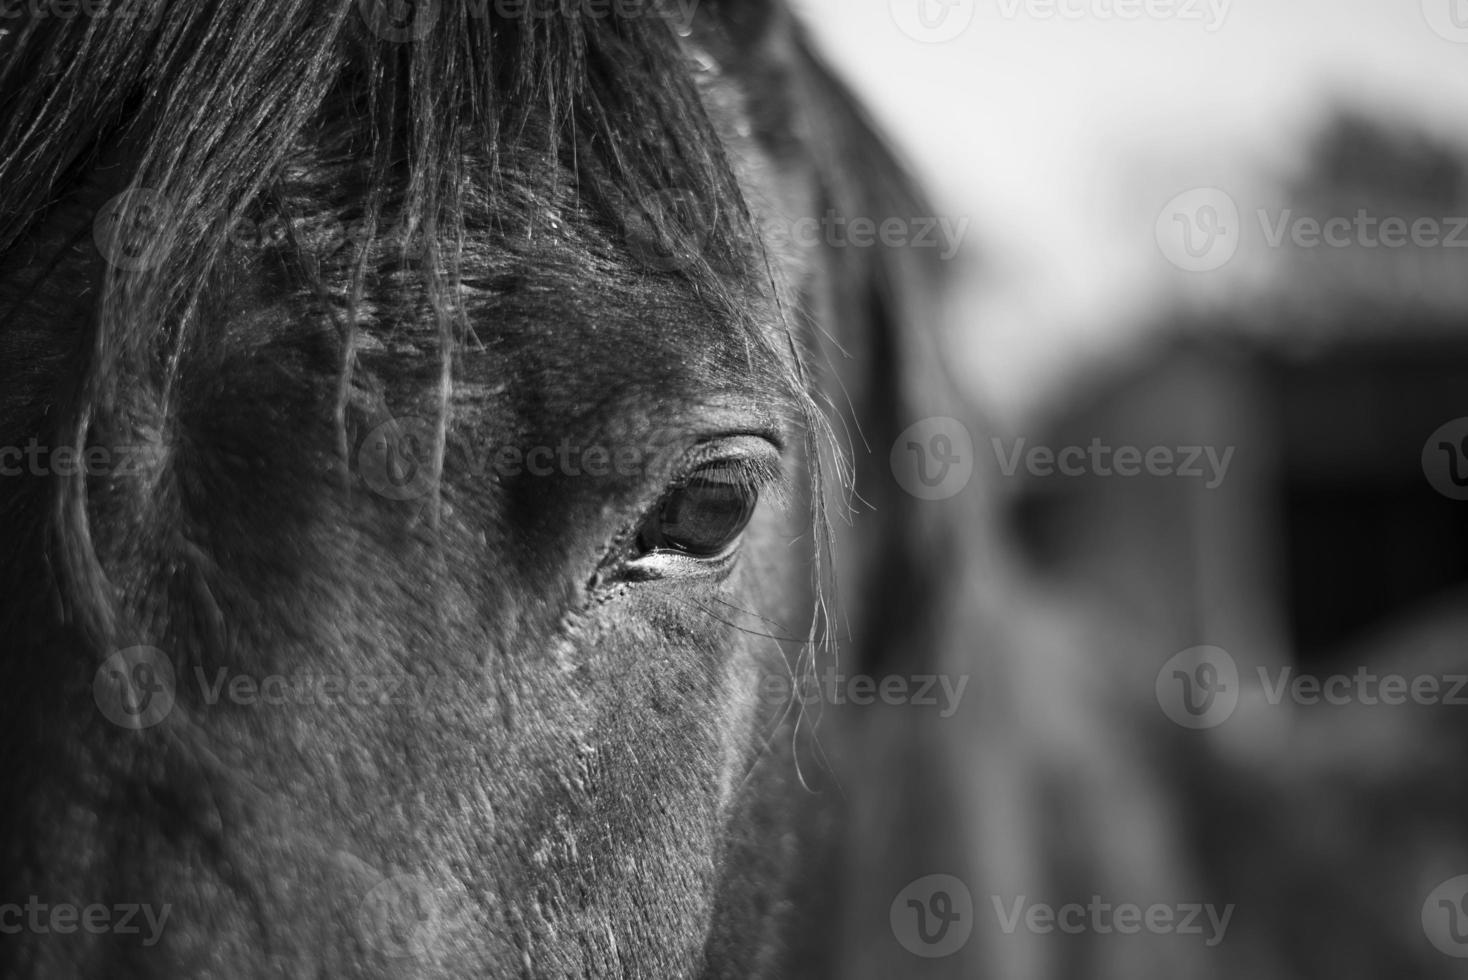 Pferdeauge hautnah foto